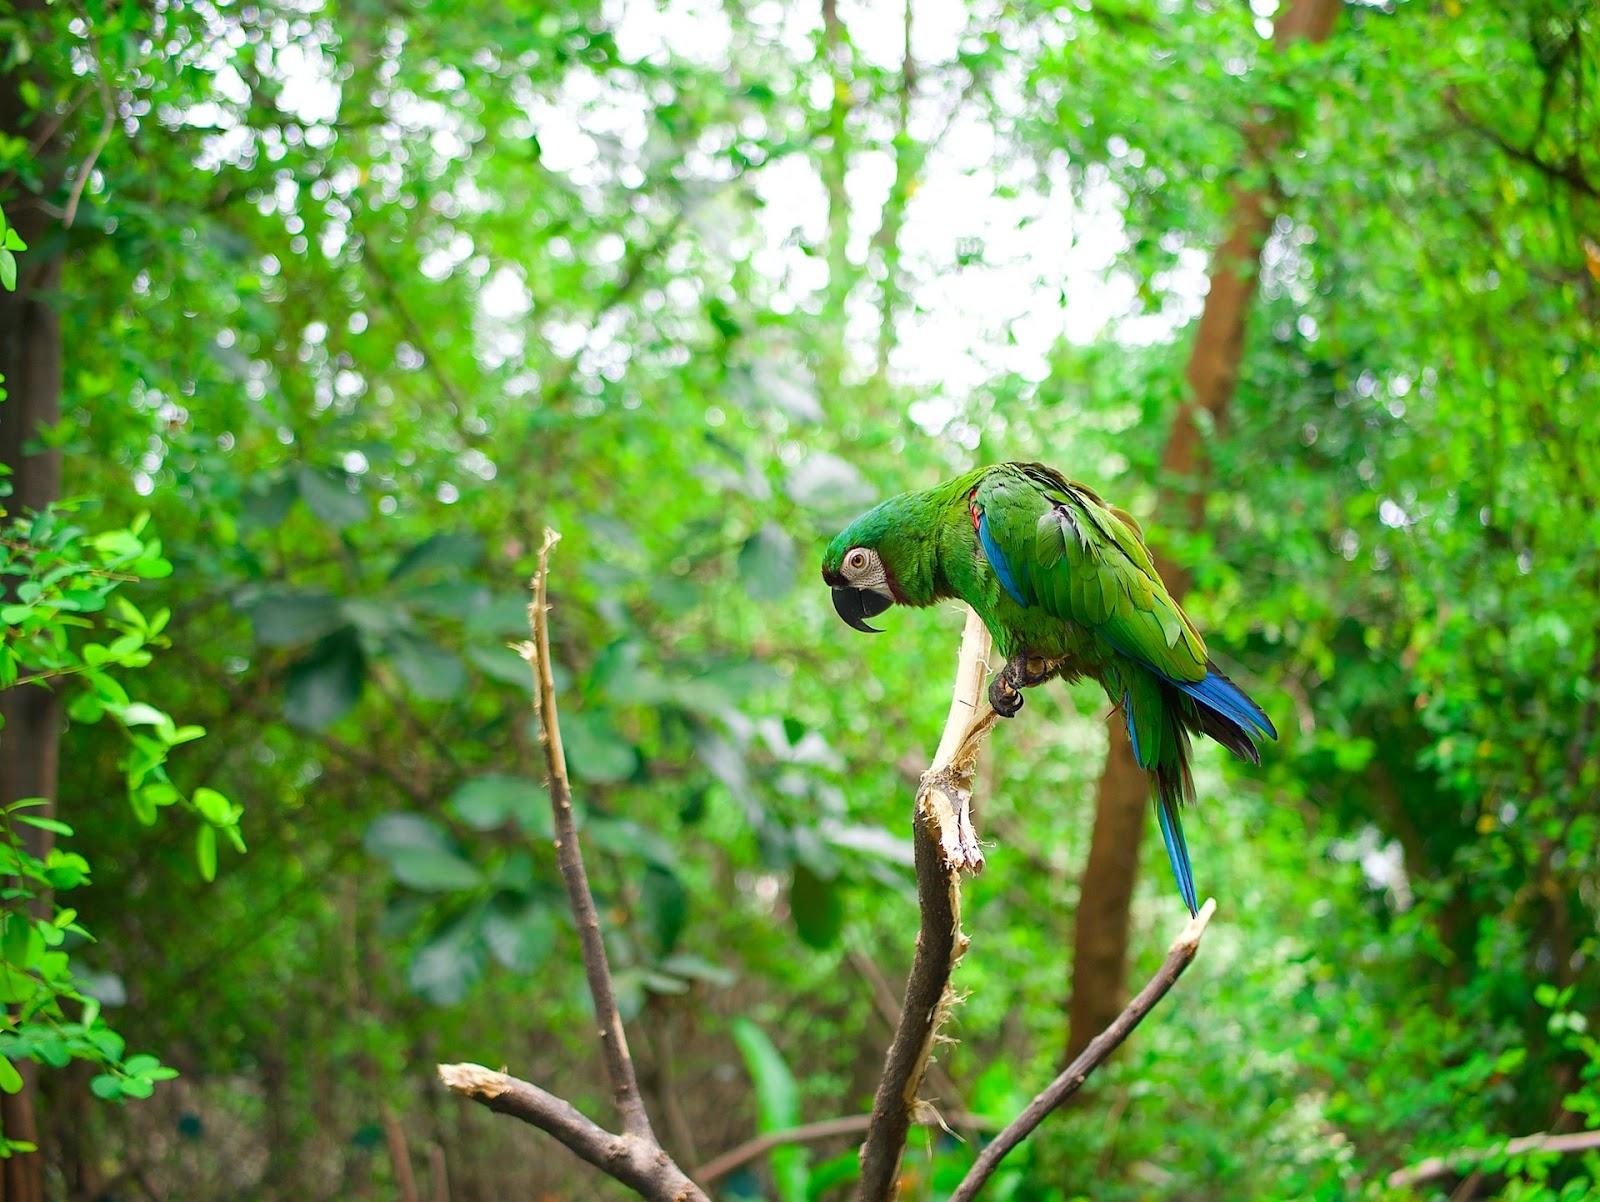 A recuperação de florestas poderia gerar 250 mil empregos (Fonte: Unsplash)